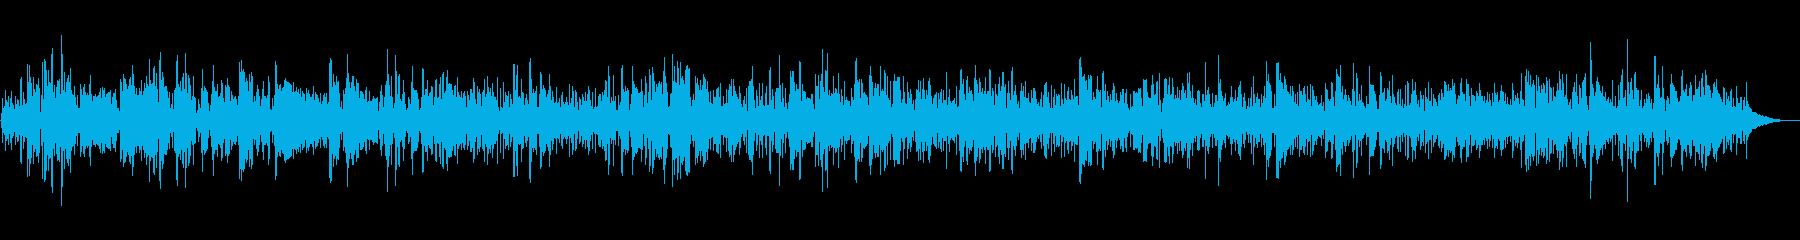 洋楽JAZZ・ムード・カフェBGMの再生済みの波形